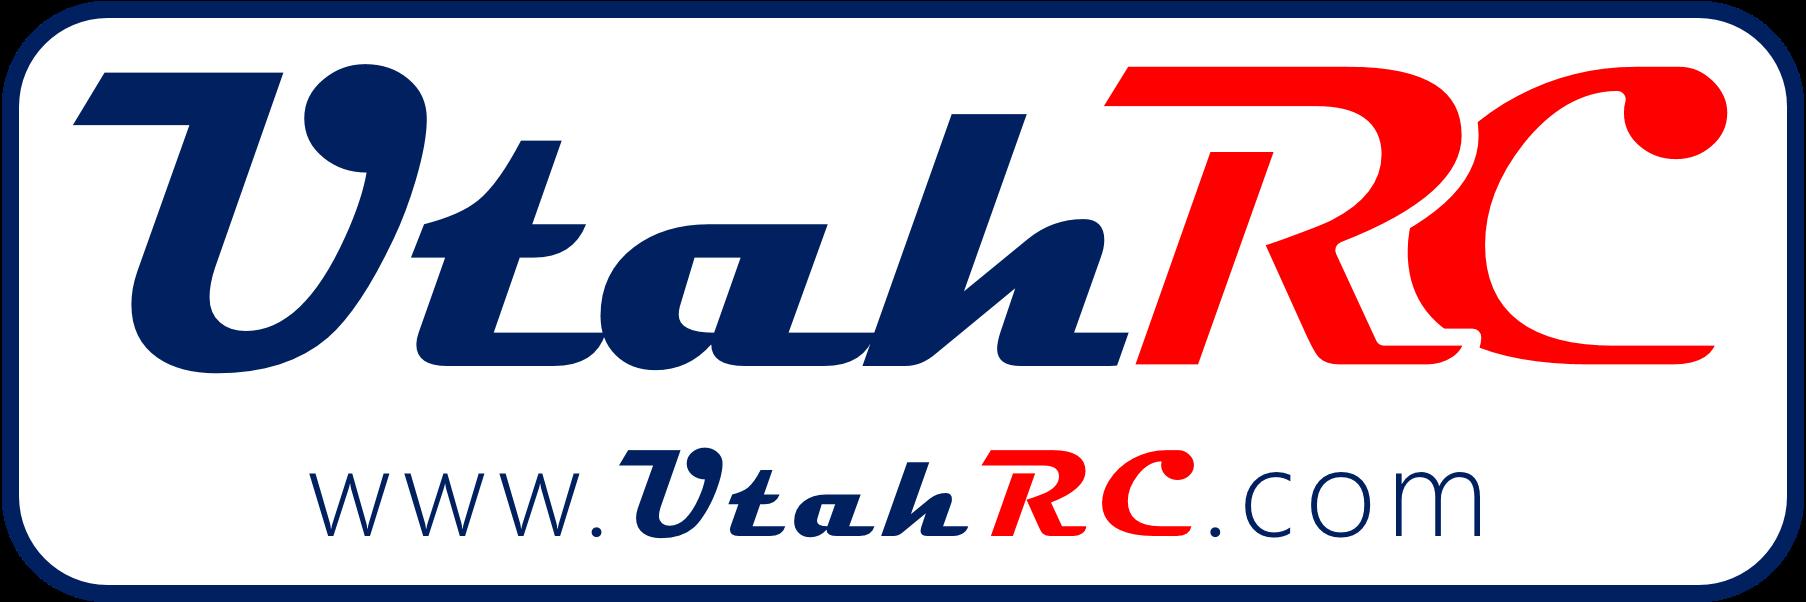 UtahRC.com Banner - White